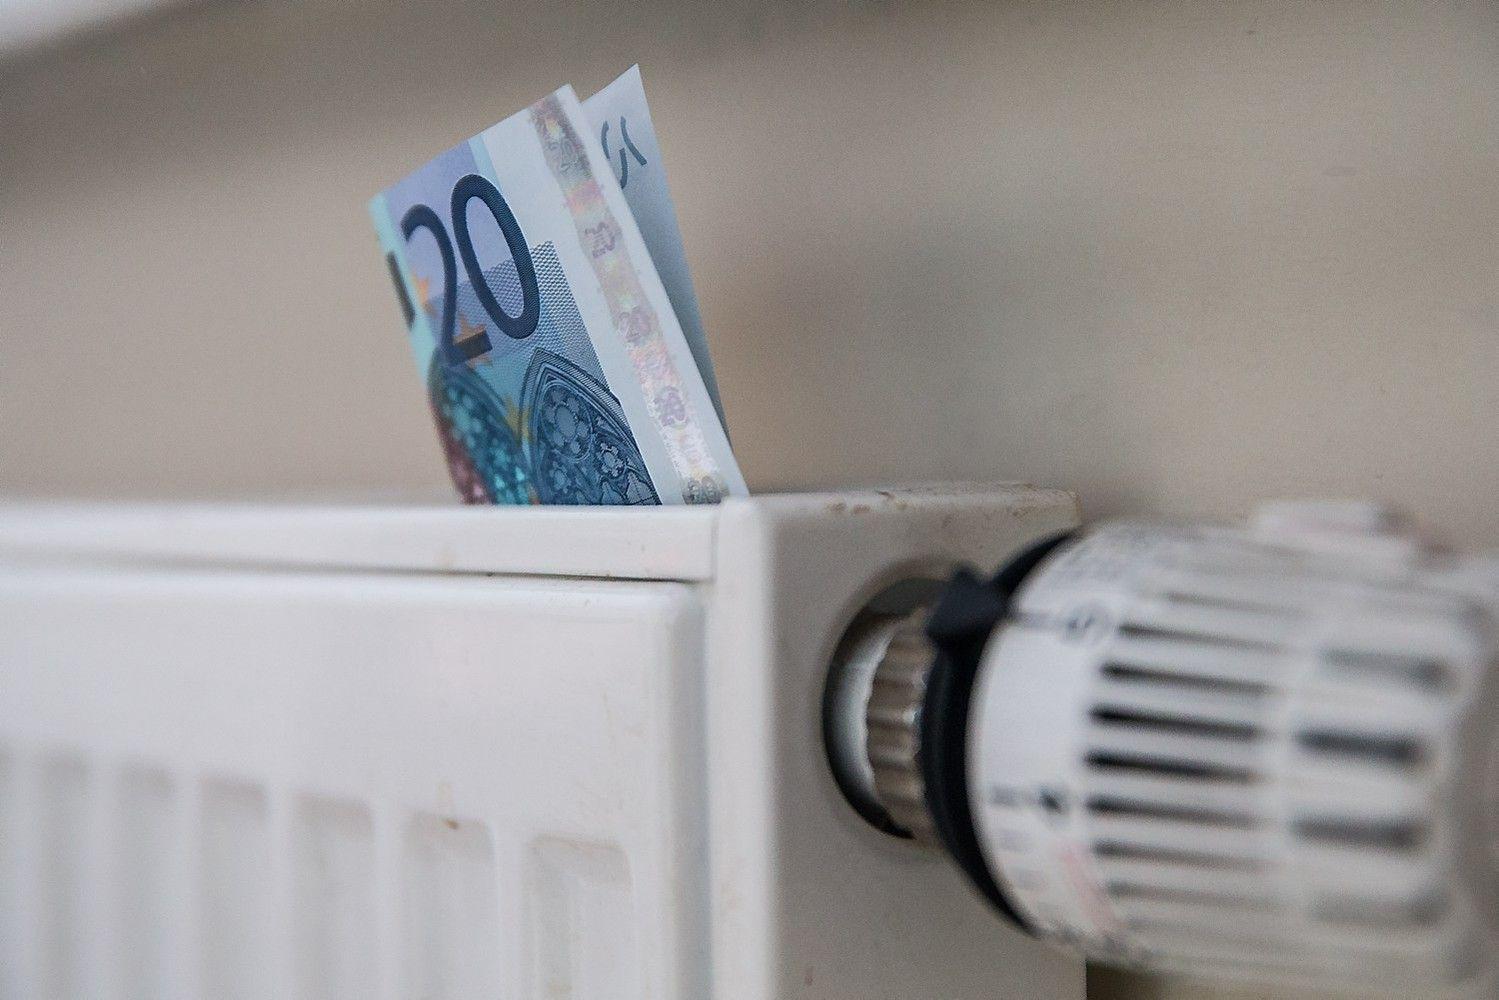 Kompensacijas už šildymą gaus trigubai daugiau žmonių